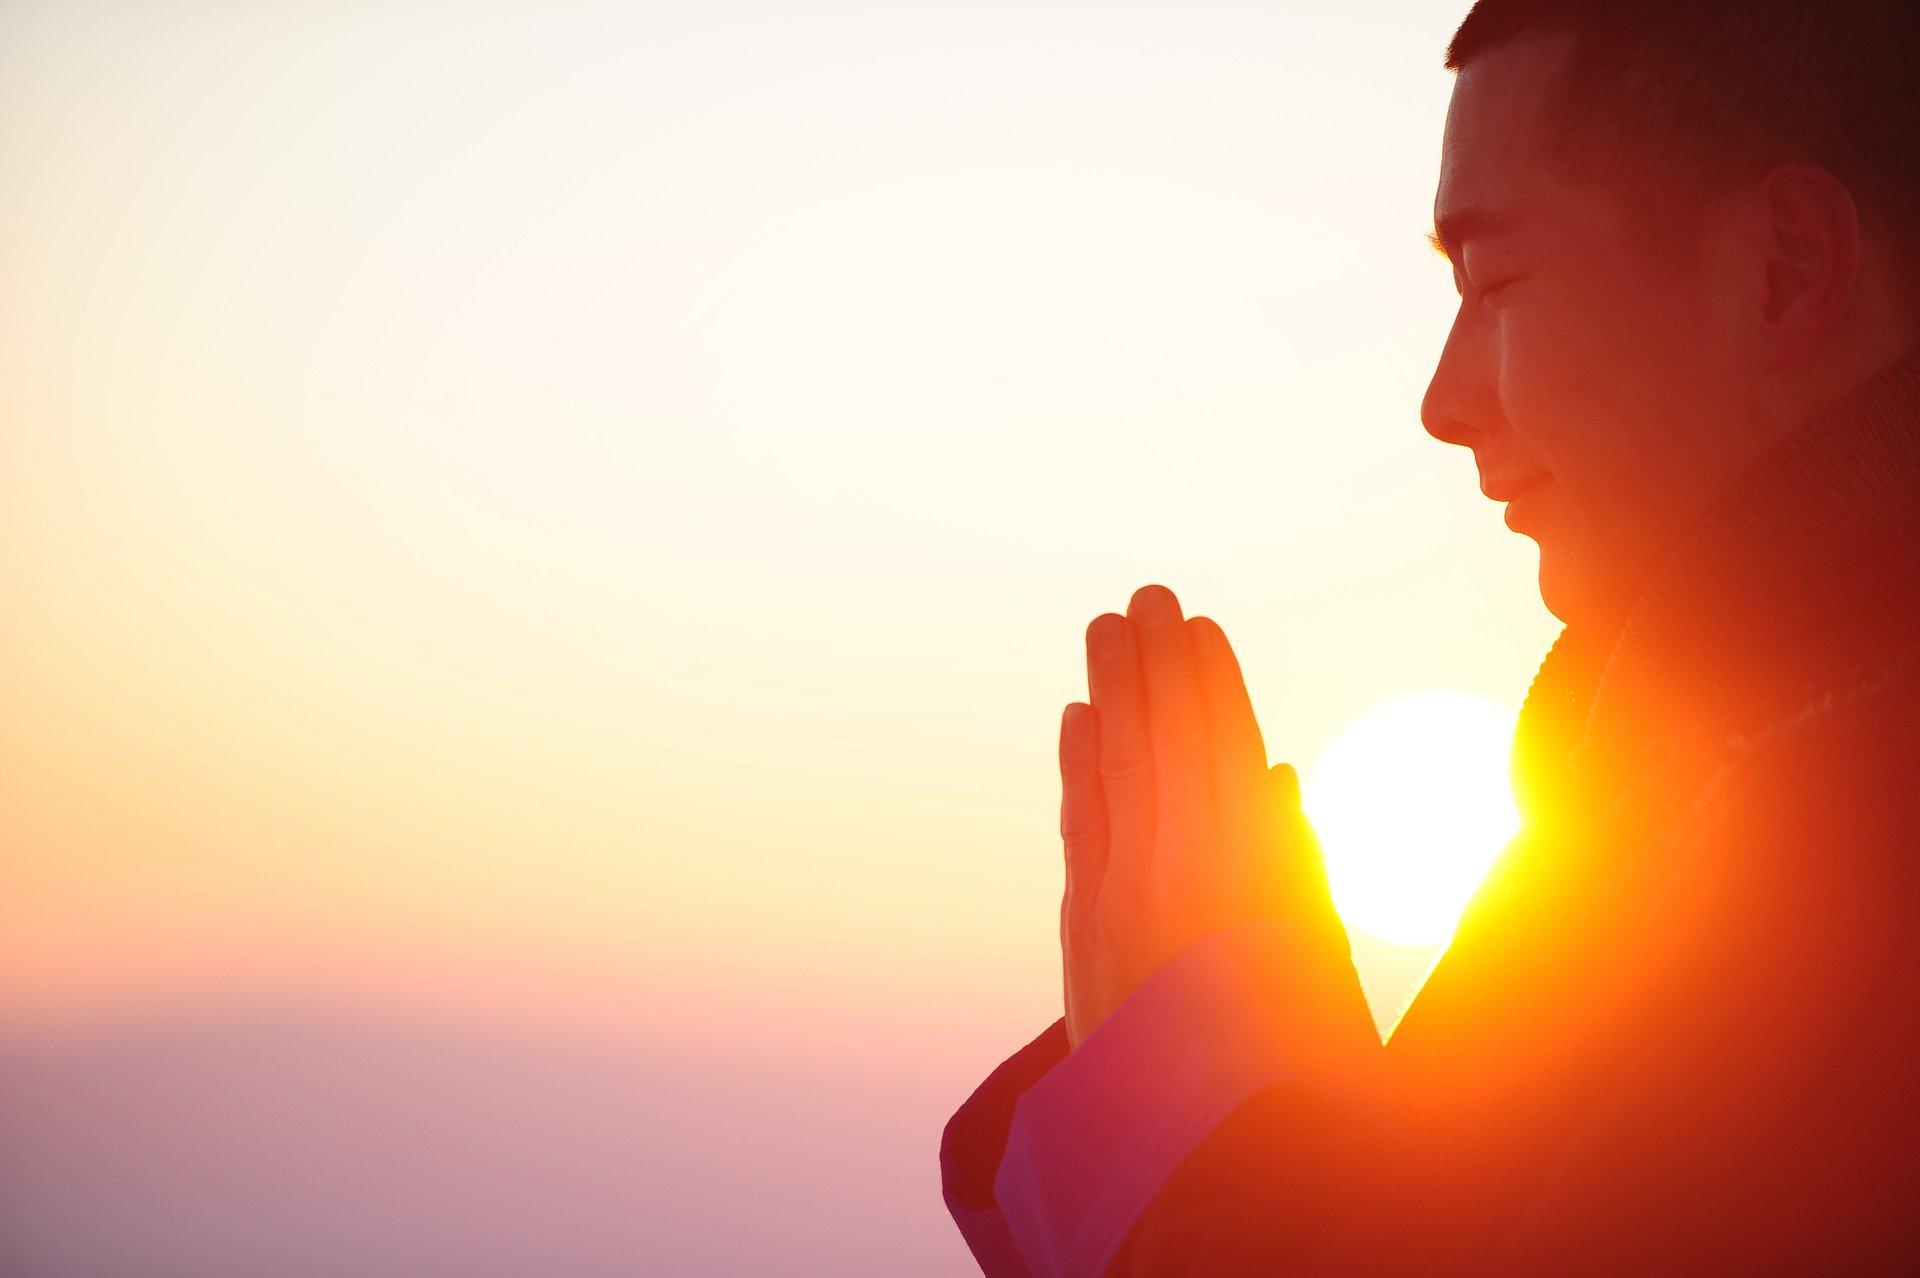 meditación y paz culturas